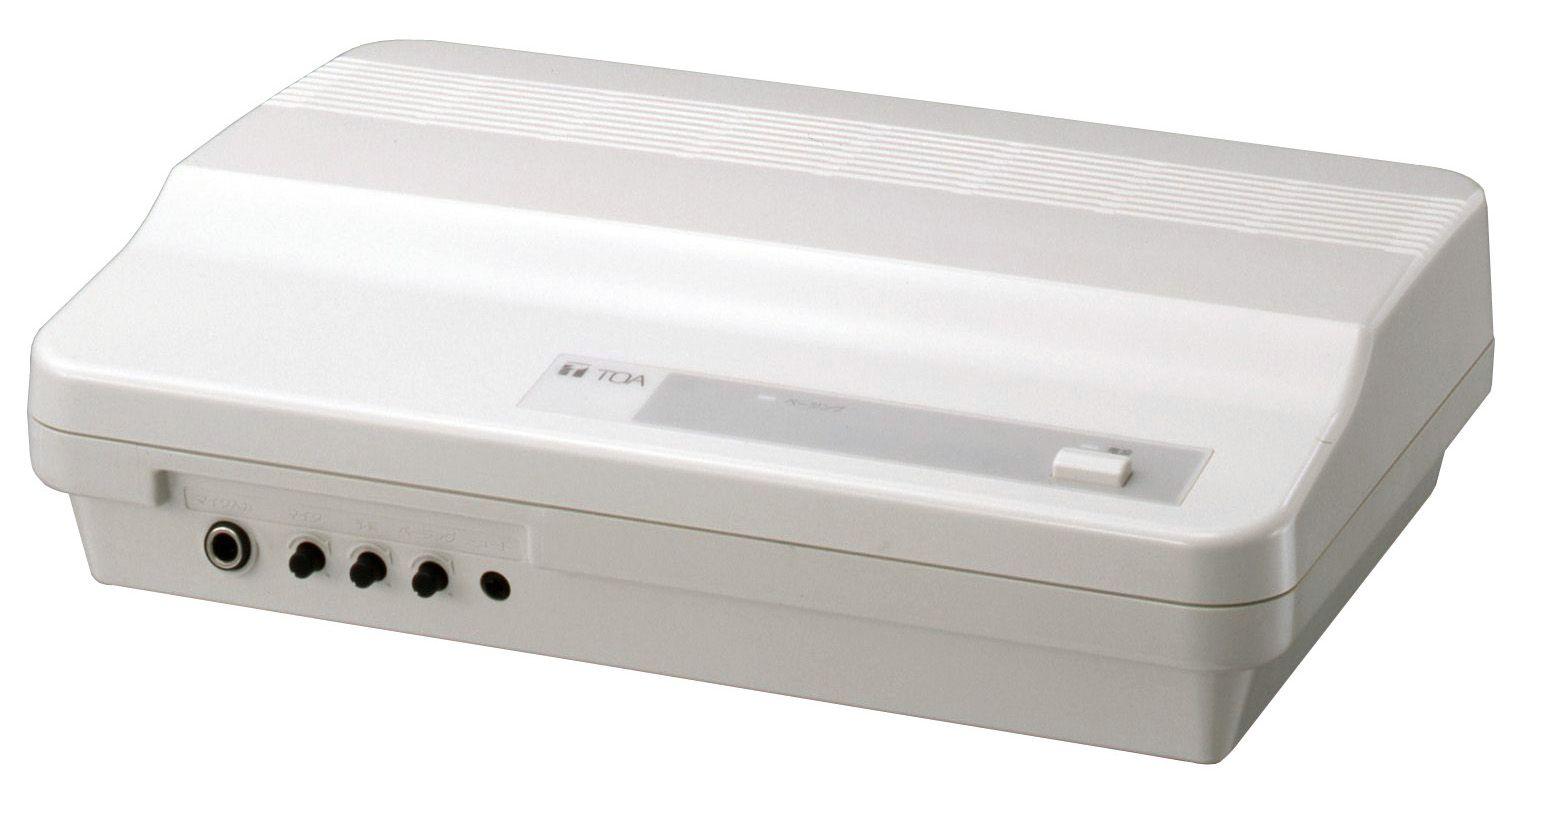 【メーカー在庫あり】 エスコ ESCO 15W 簡易型アンプ 000012263999 HD